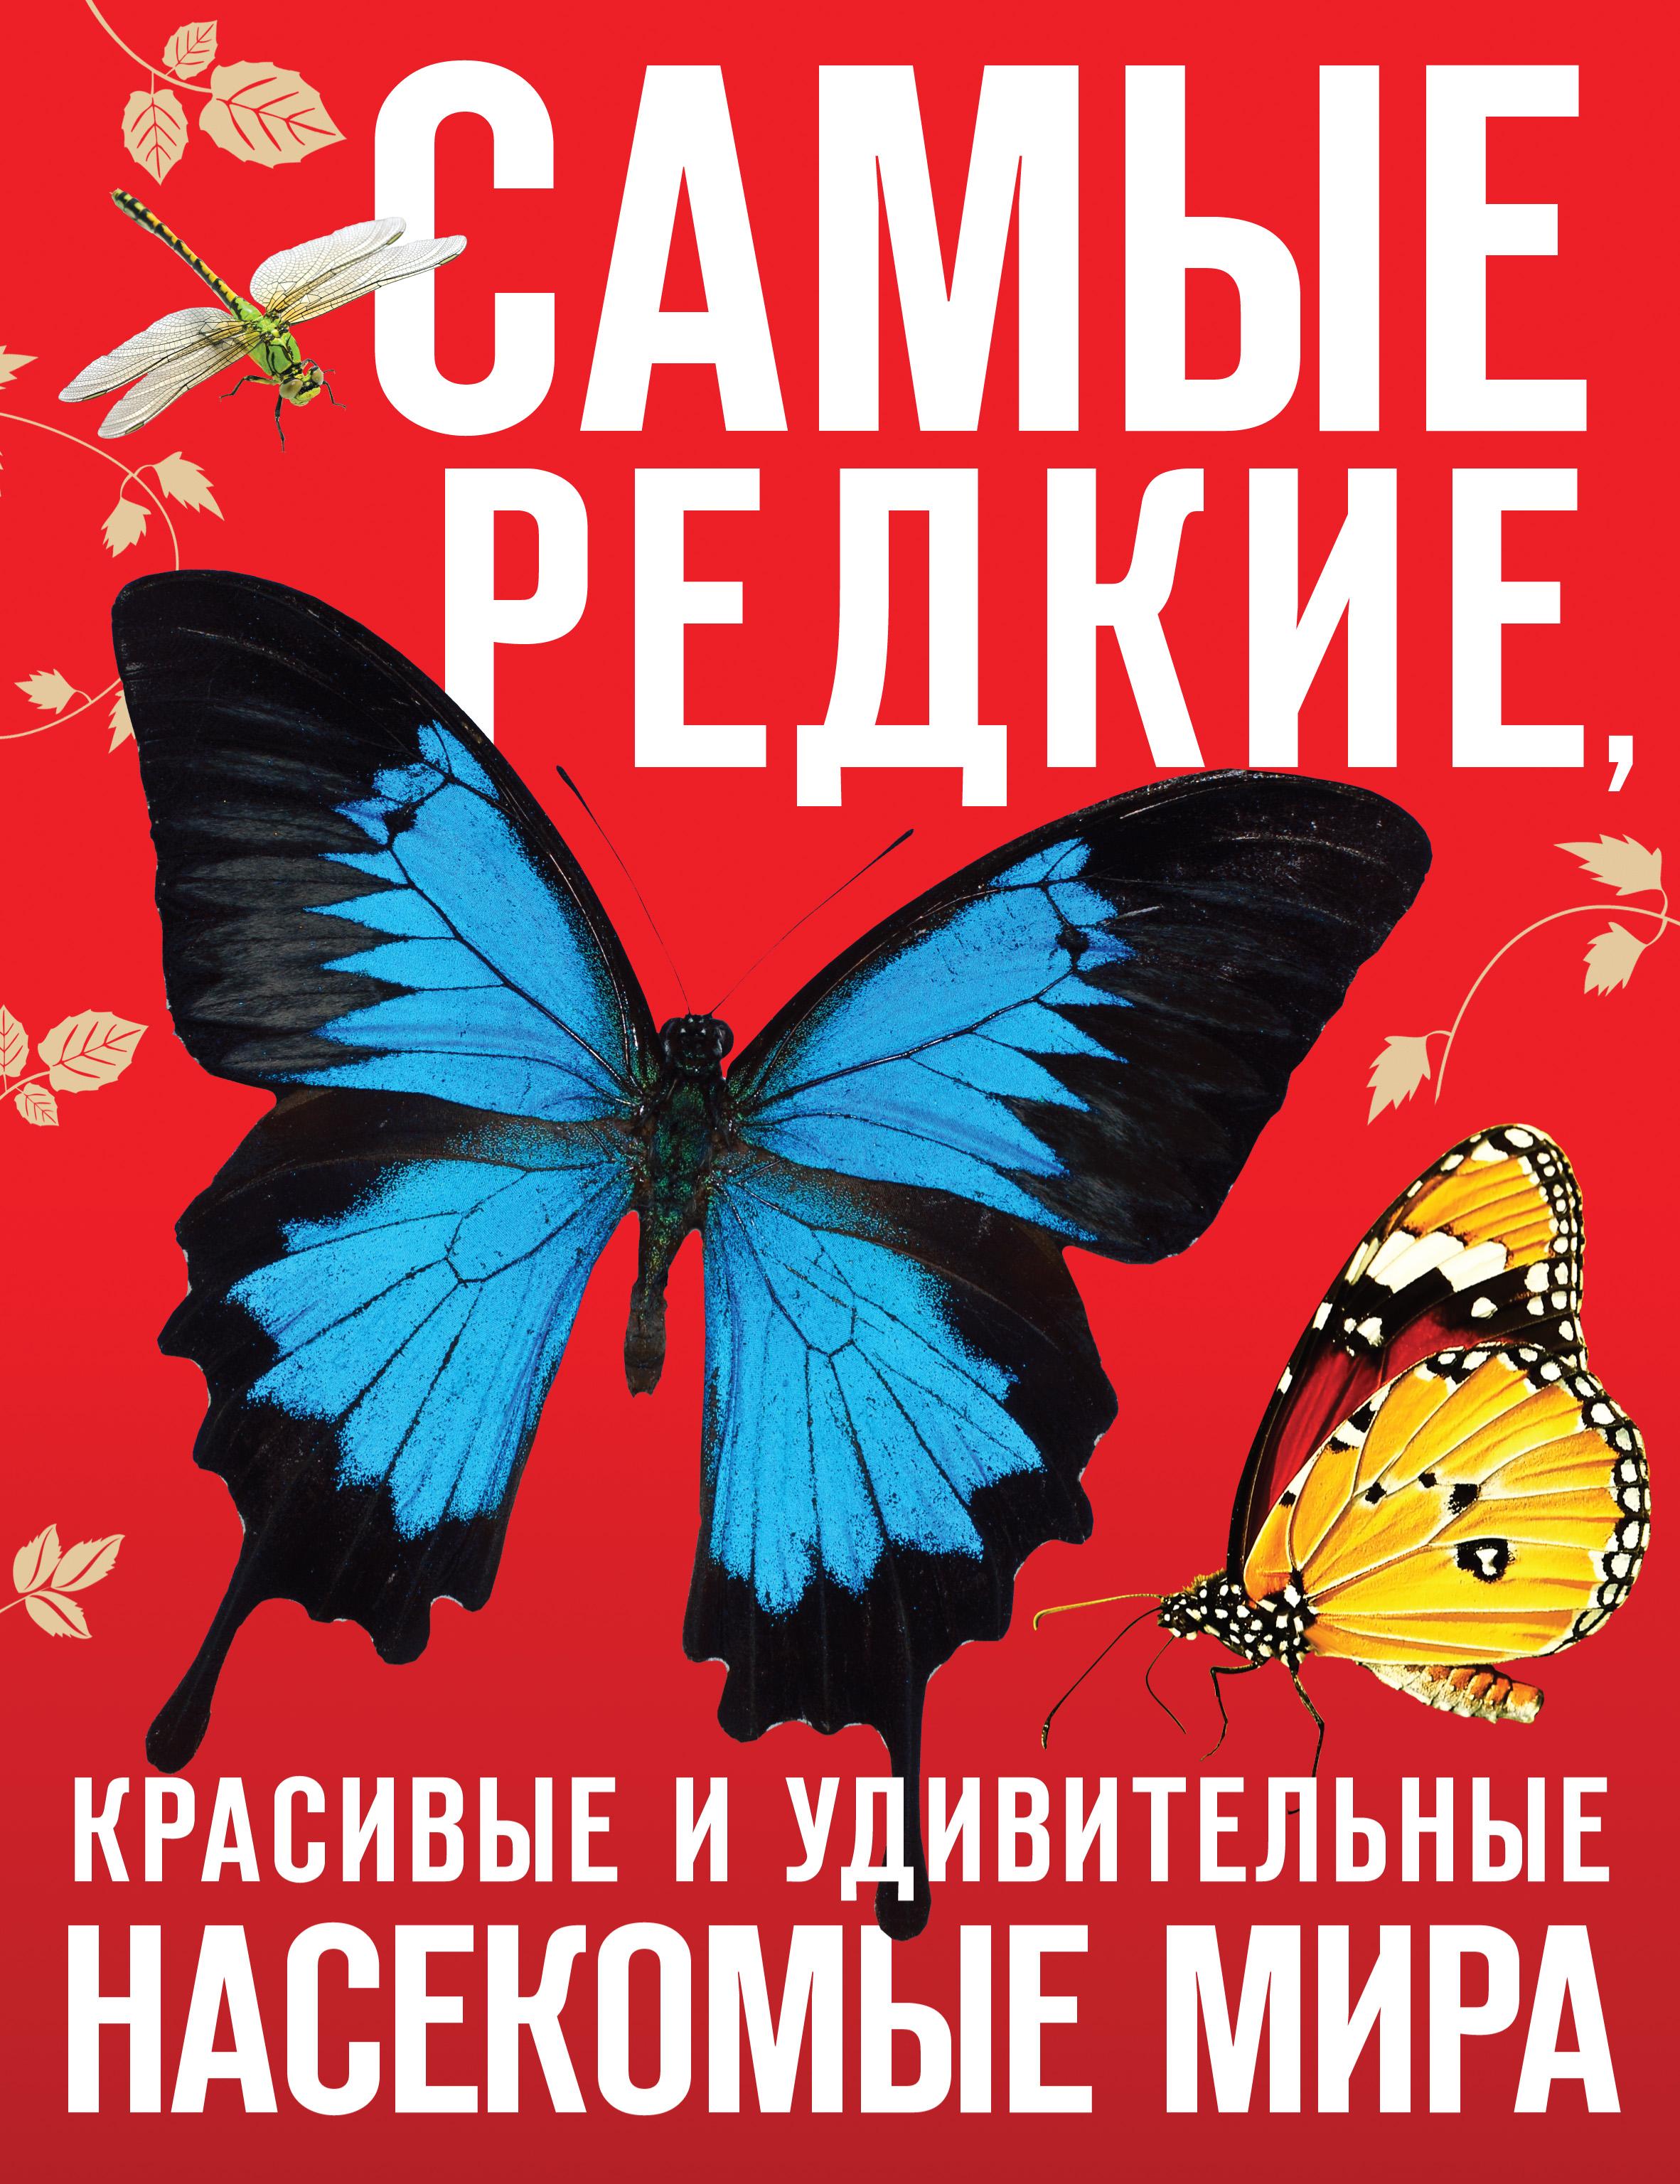 Дмитрий Лукашанец Самые редкие, красивые и удивительные насекомые мира